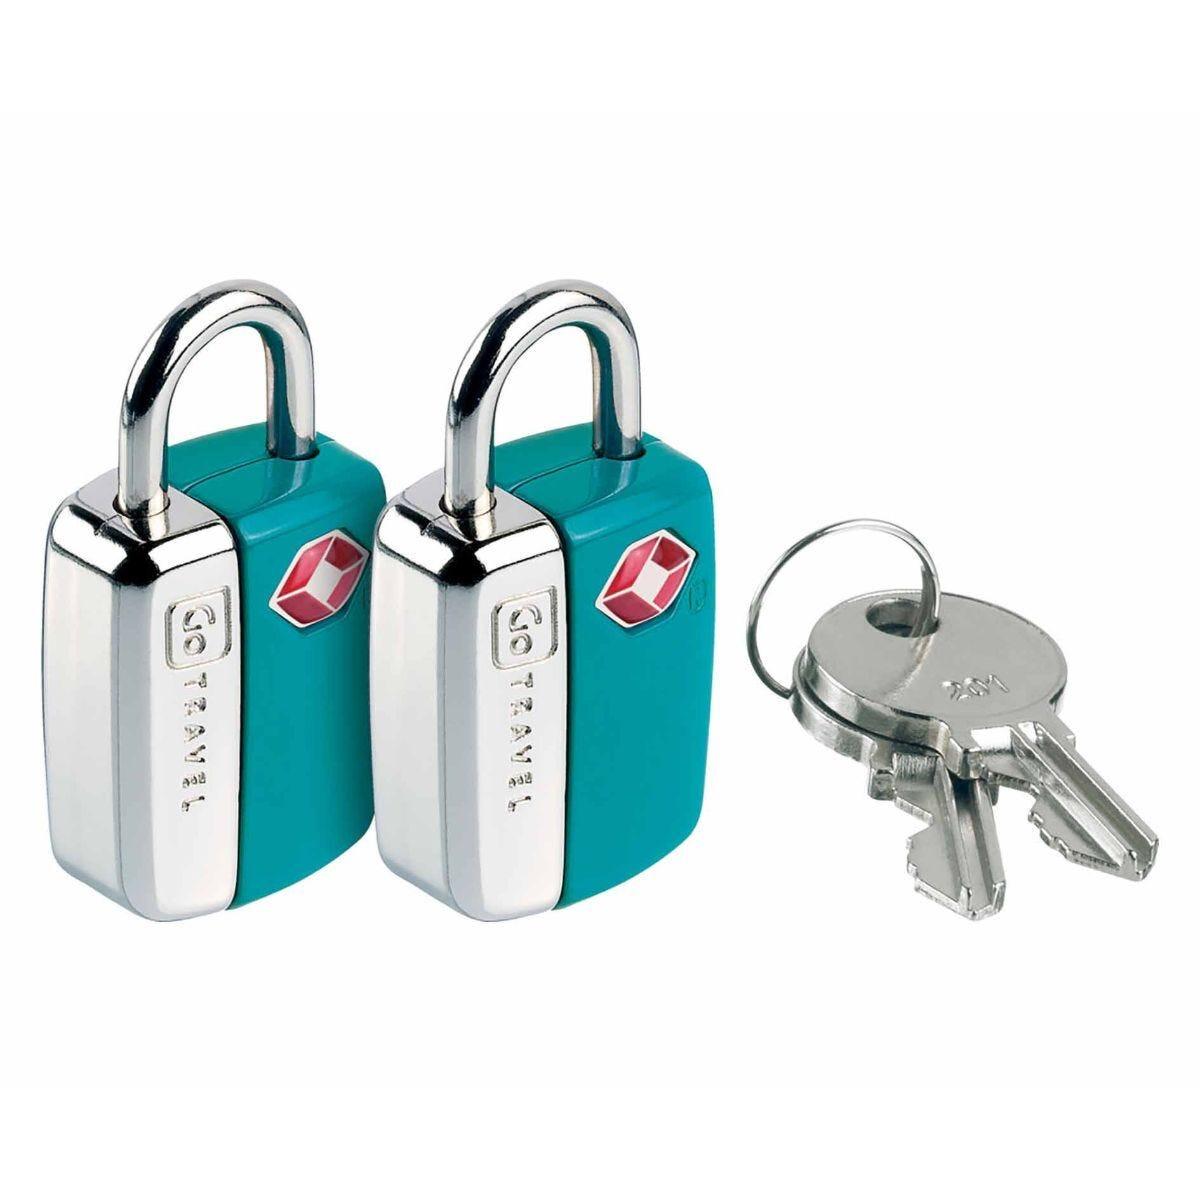 Go Travel Mini Travel Sentry Lock Pack of 2 Blue